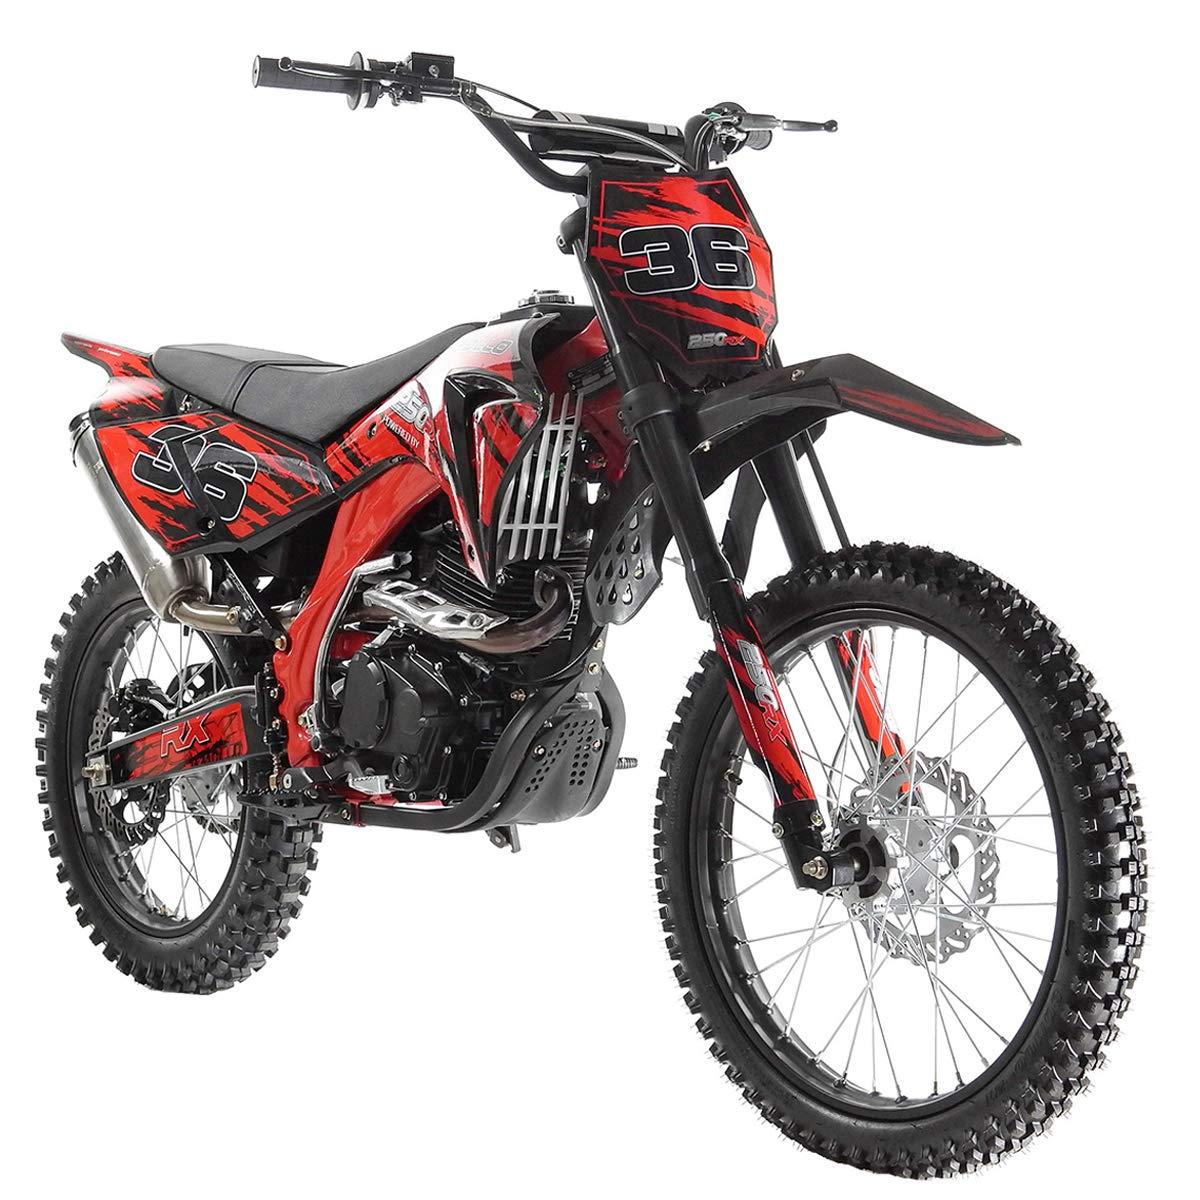 X-pro 250cc Trail Bike Dirt Bike